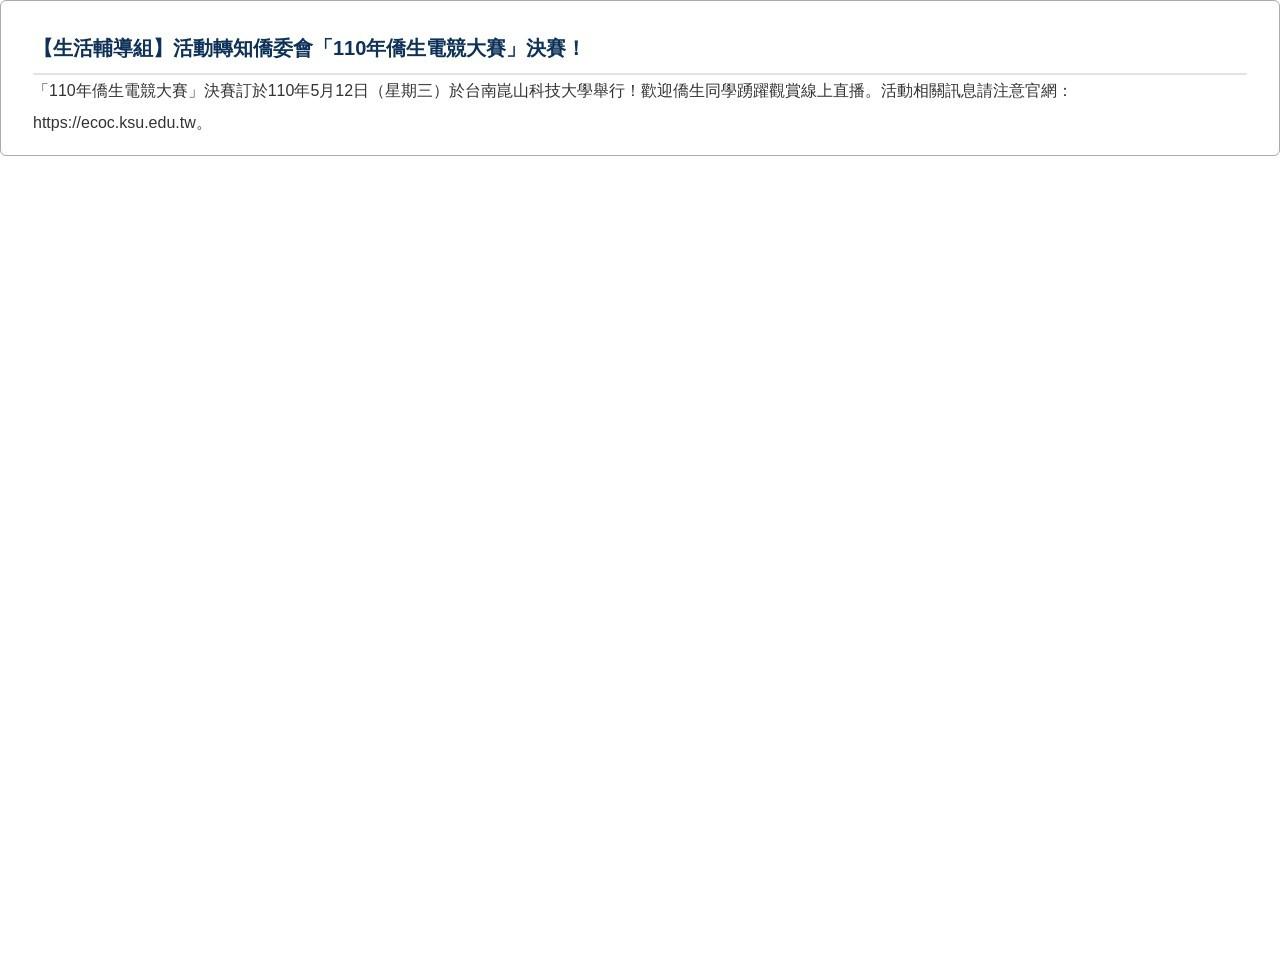 【生活輔導組】活動轉知僑委會「110年僑生電競大賽」決賽!